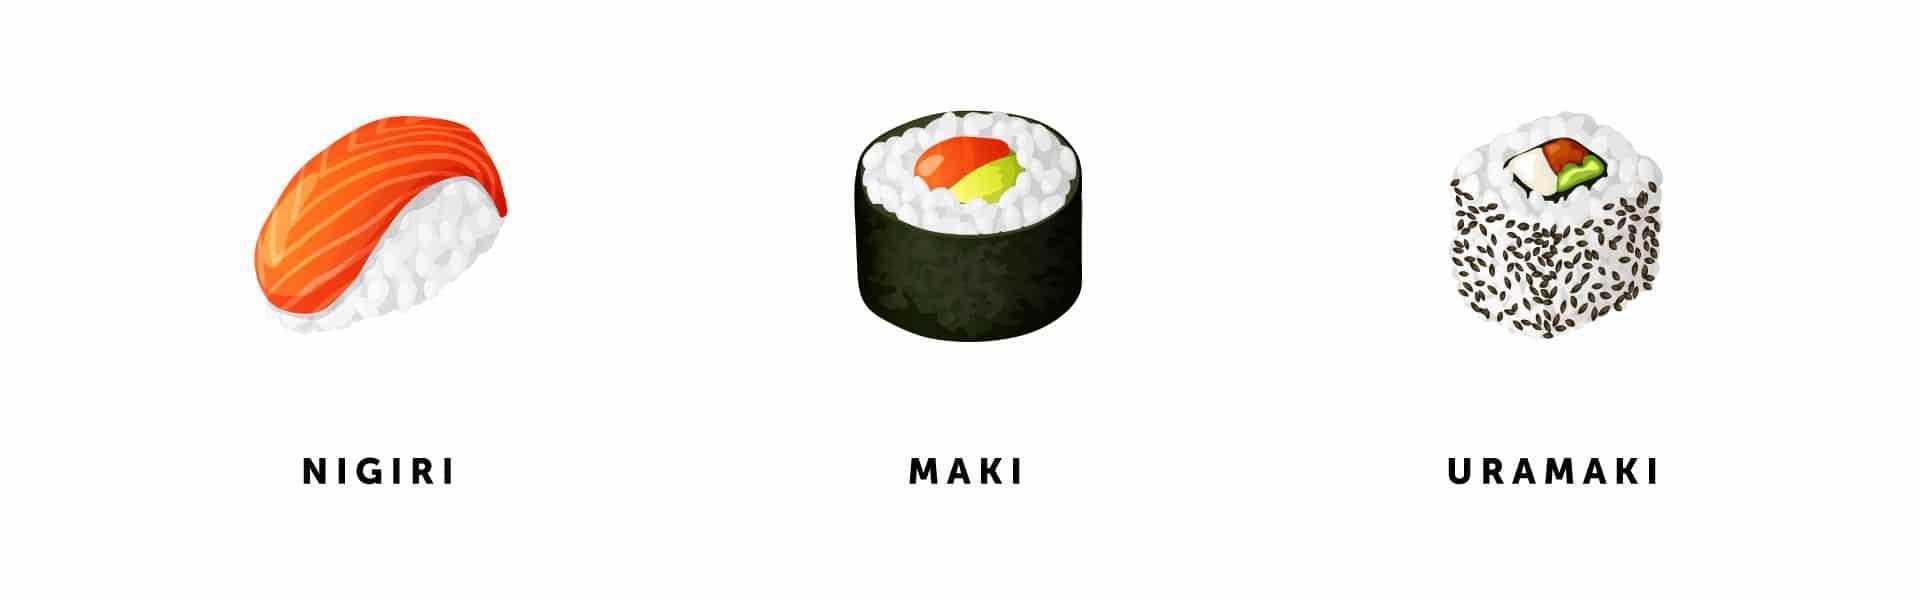 Nigiri, Maki och Uramaki